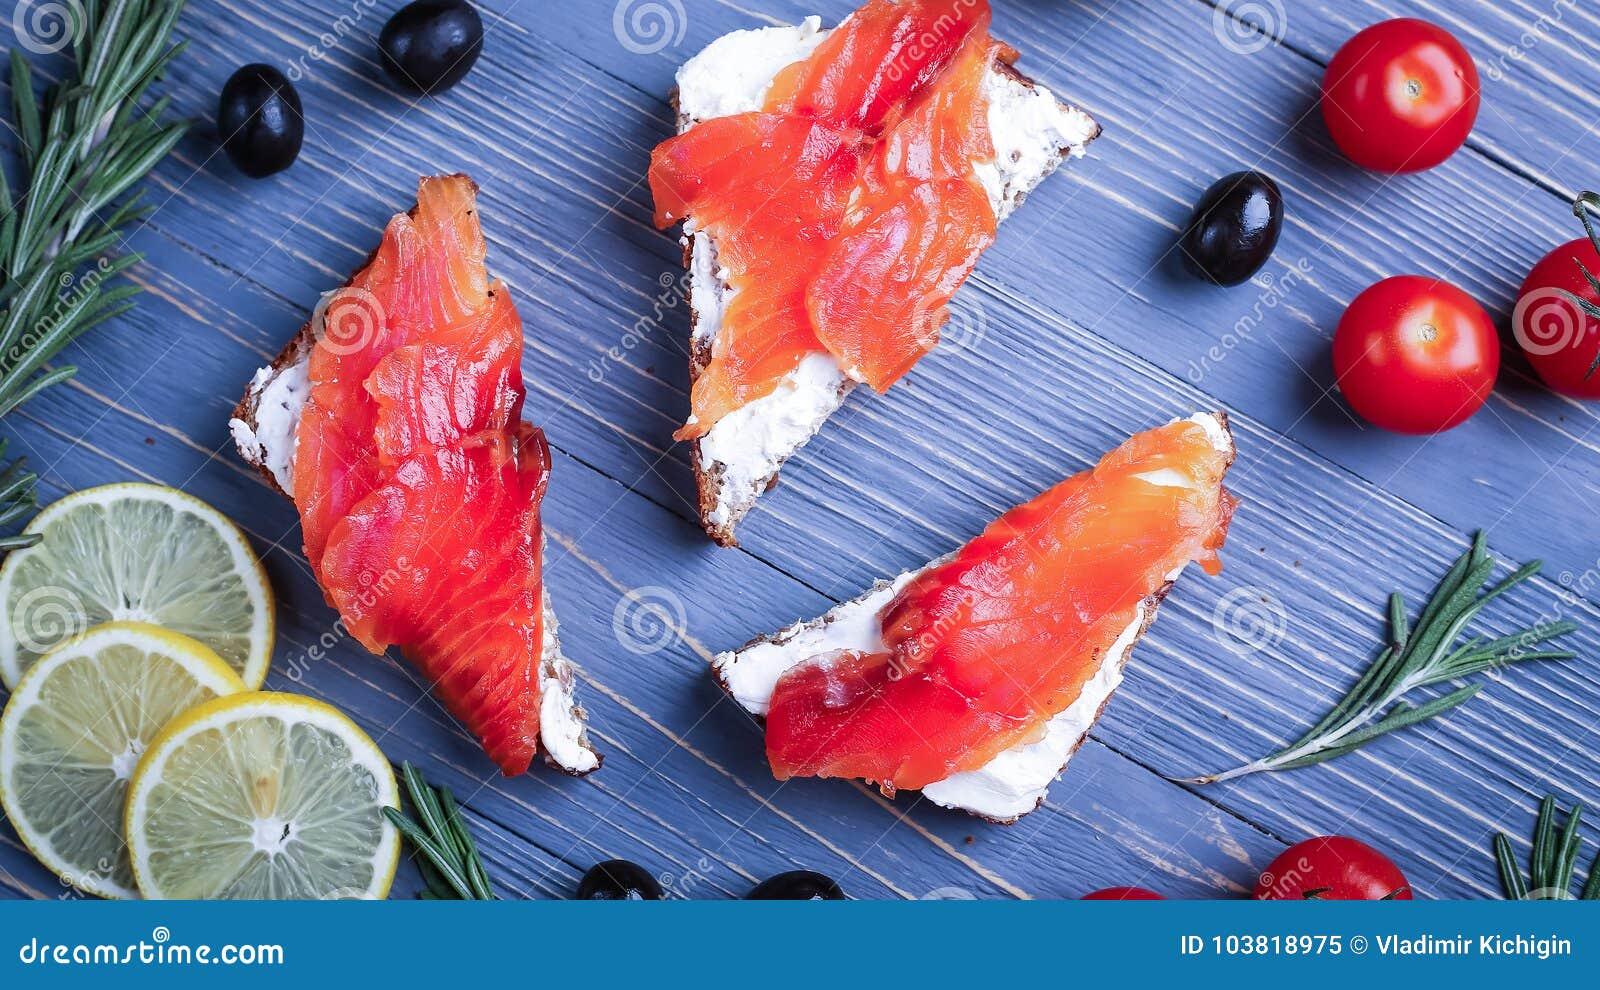 Fische auf dem Tisch geschnitten für Mahlzeiten Köstliches Meeresfrüchteabendessen Tr